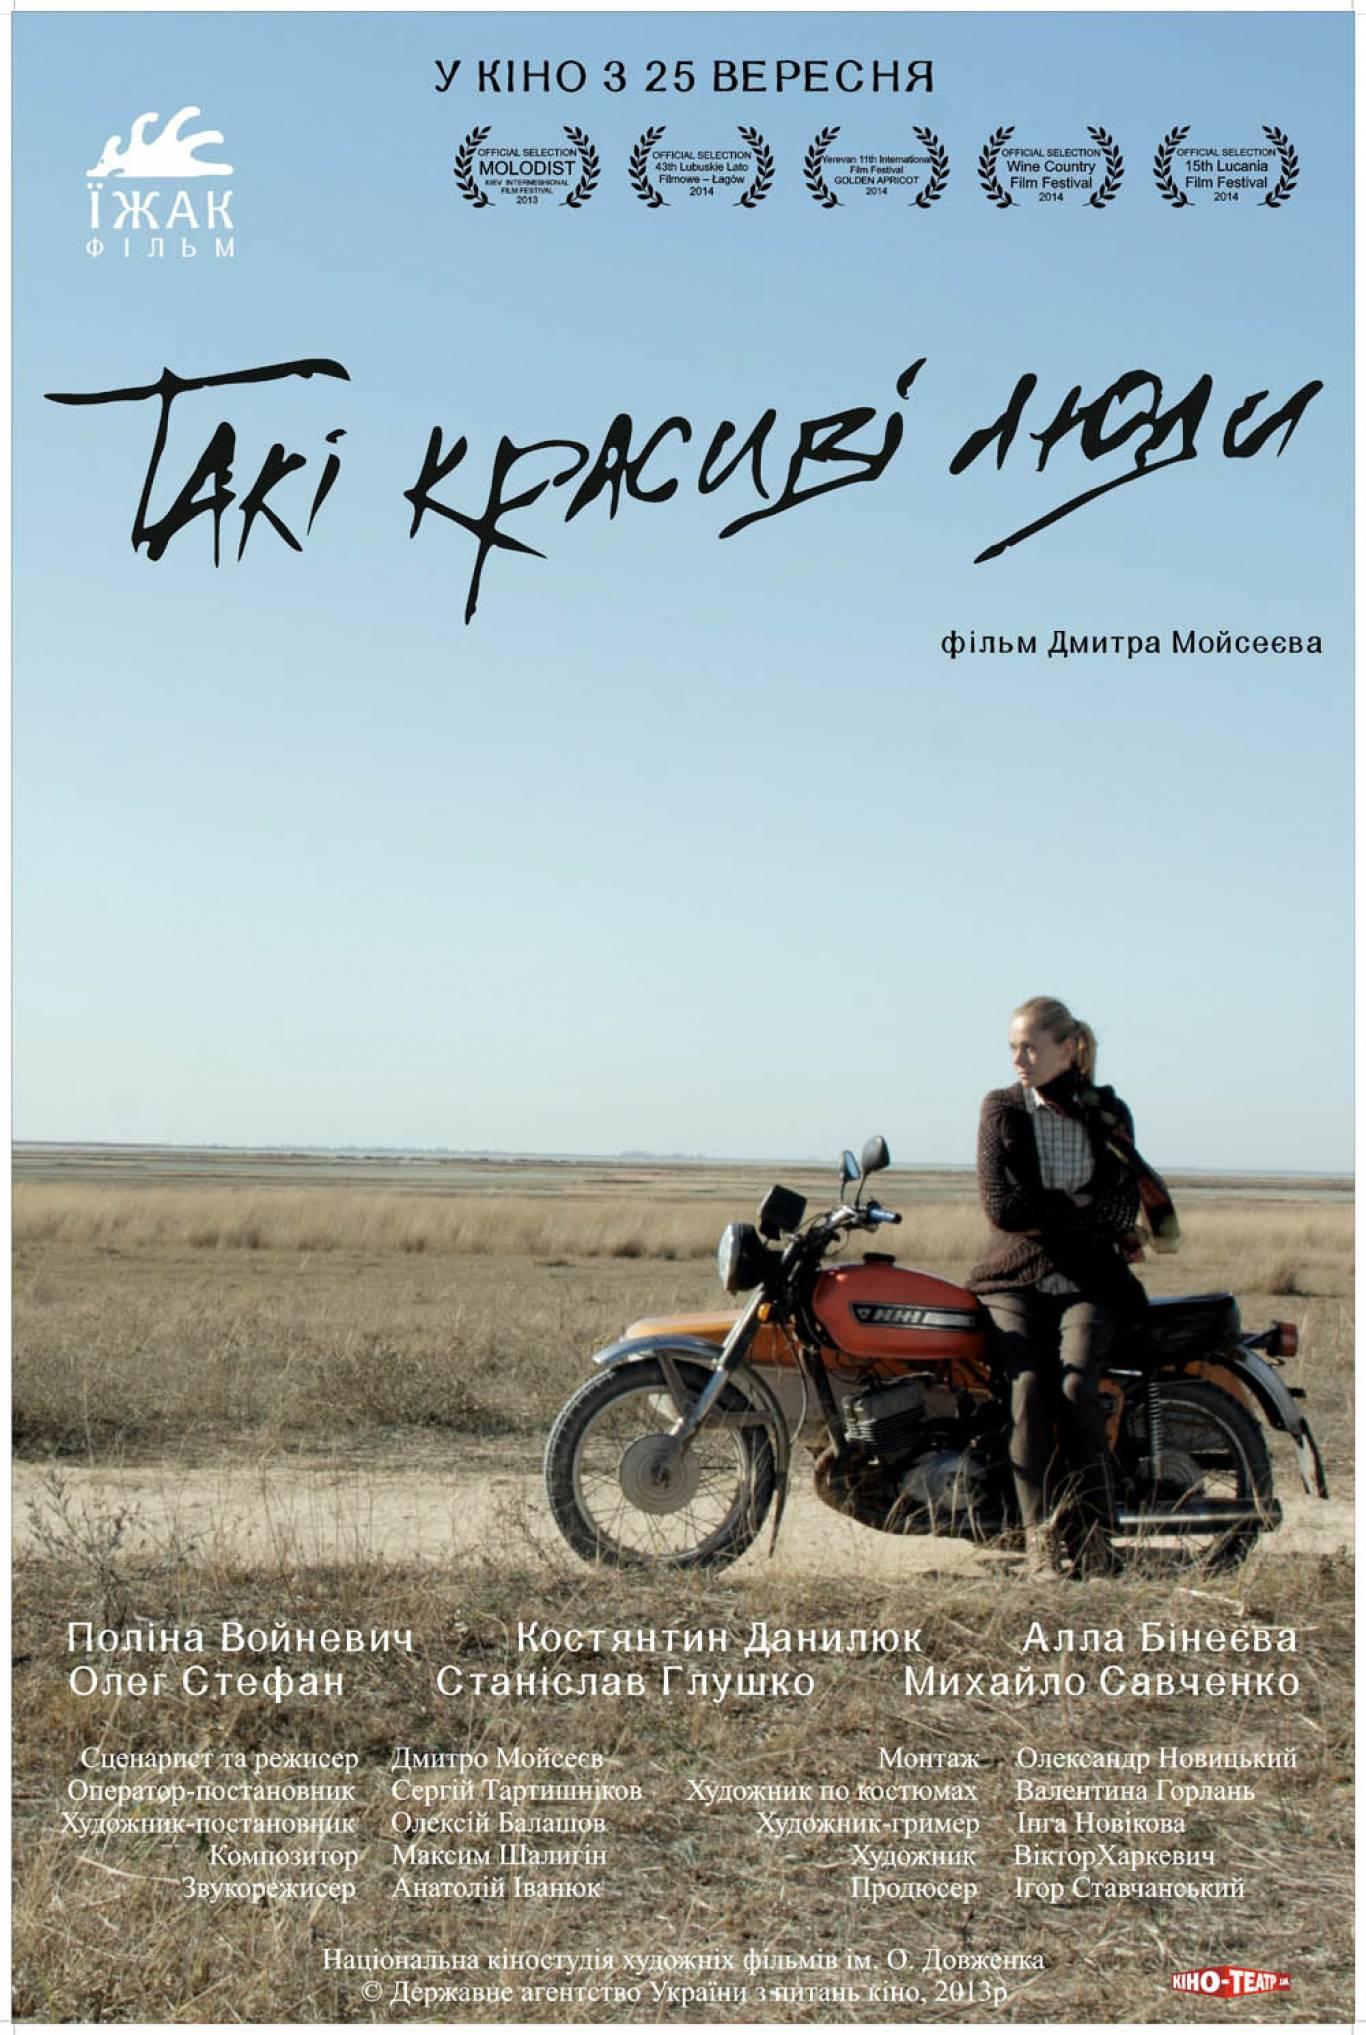 Українська драма «Такі красиві люди»